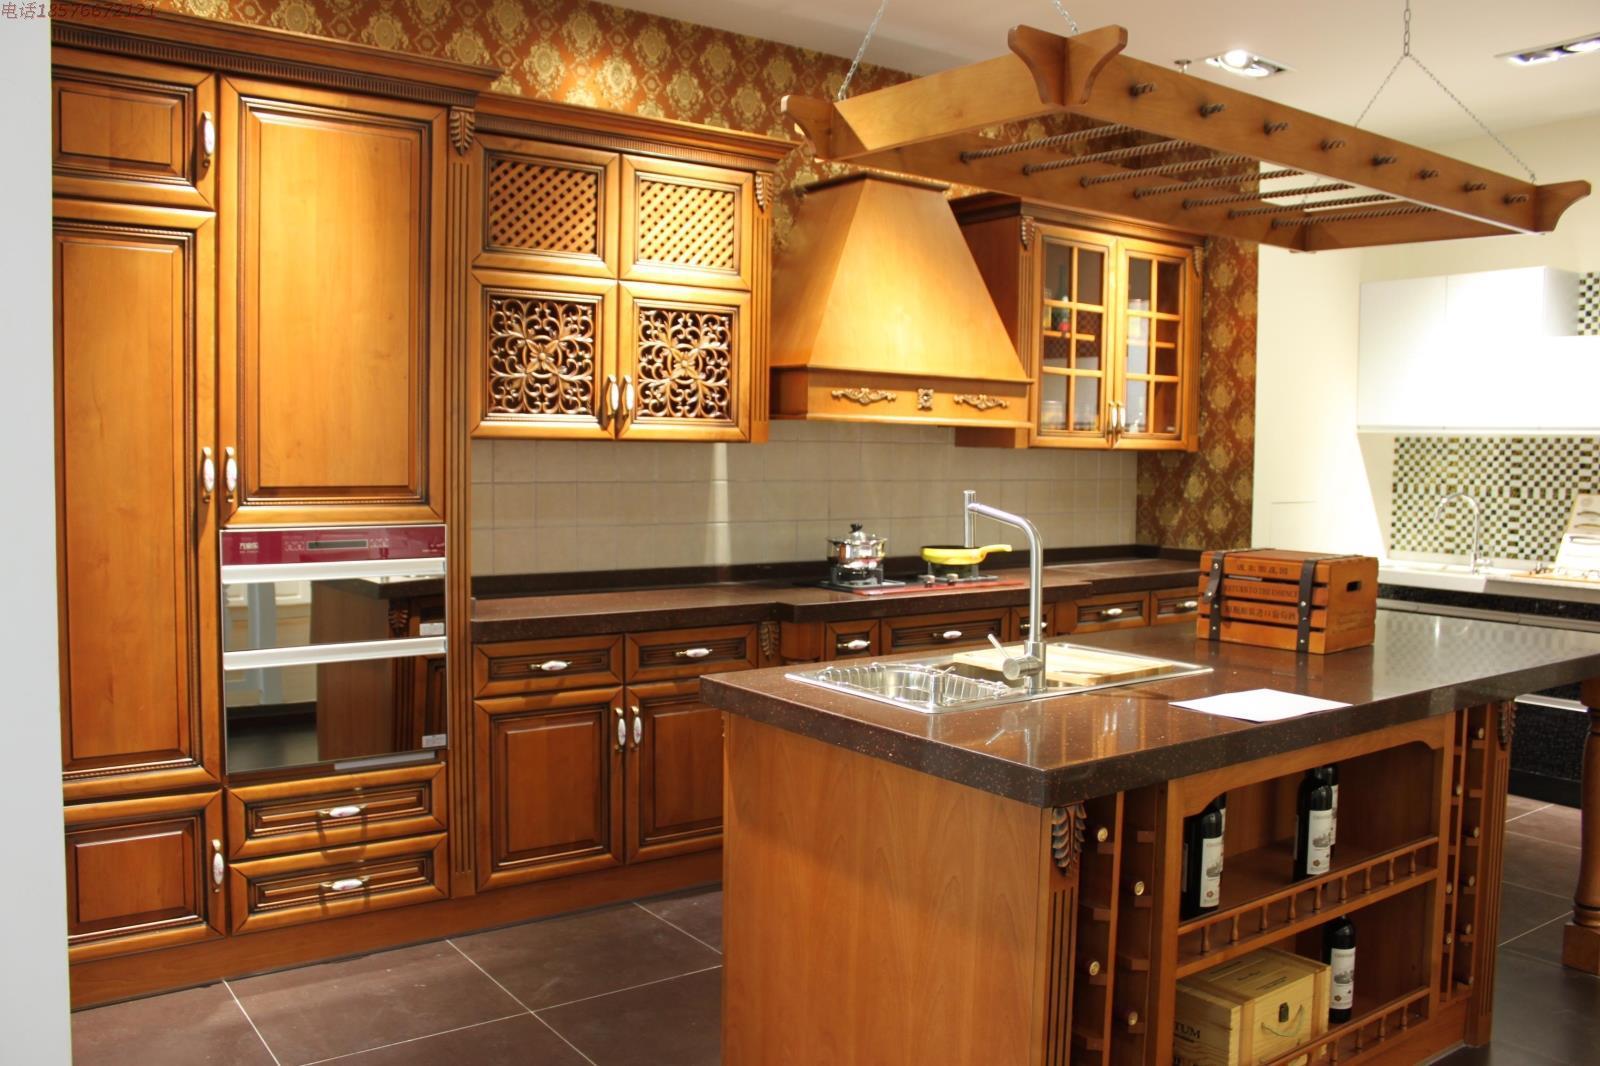 Điểm danh mẫu tủ bếp gỗ sồi Mỹ cho chung cư hiện đại